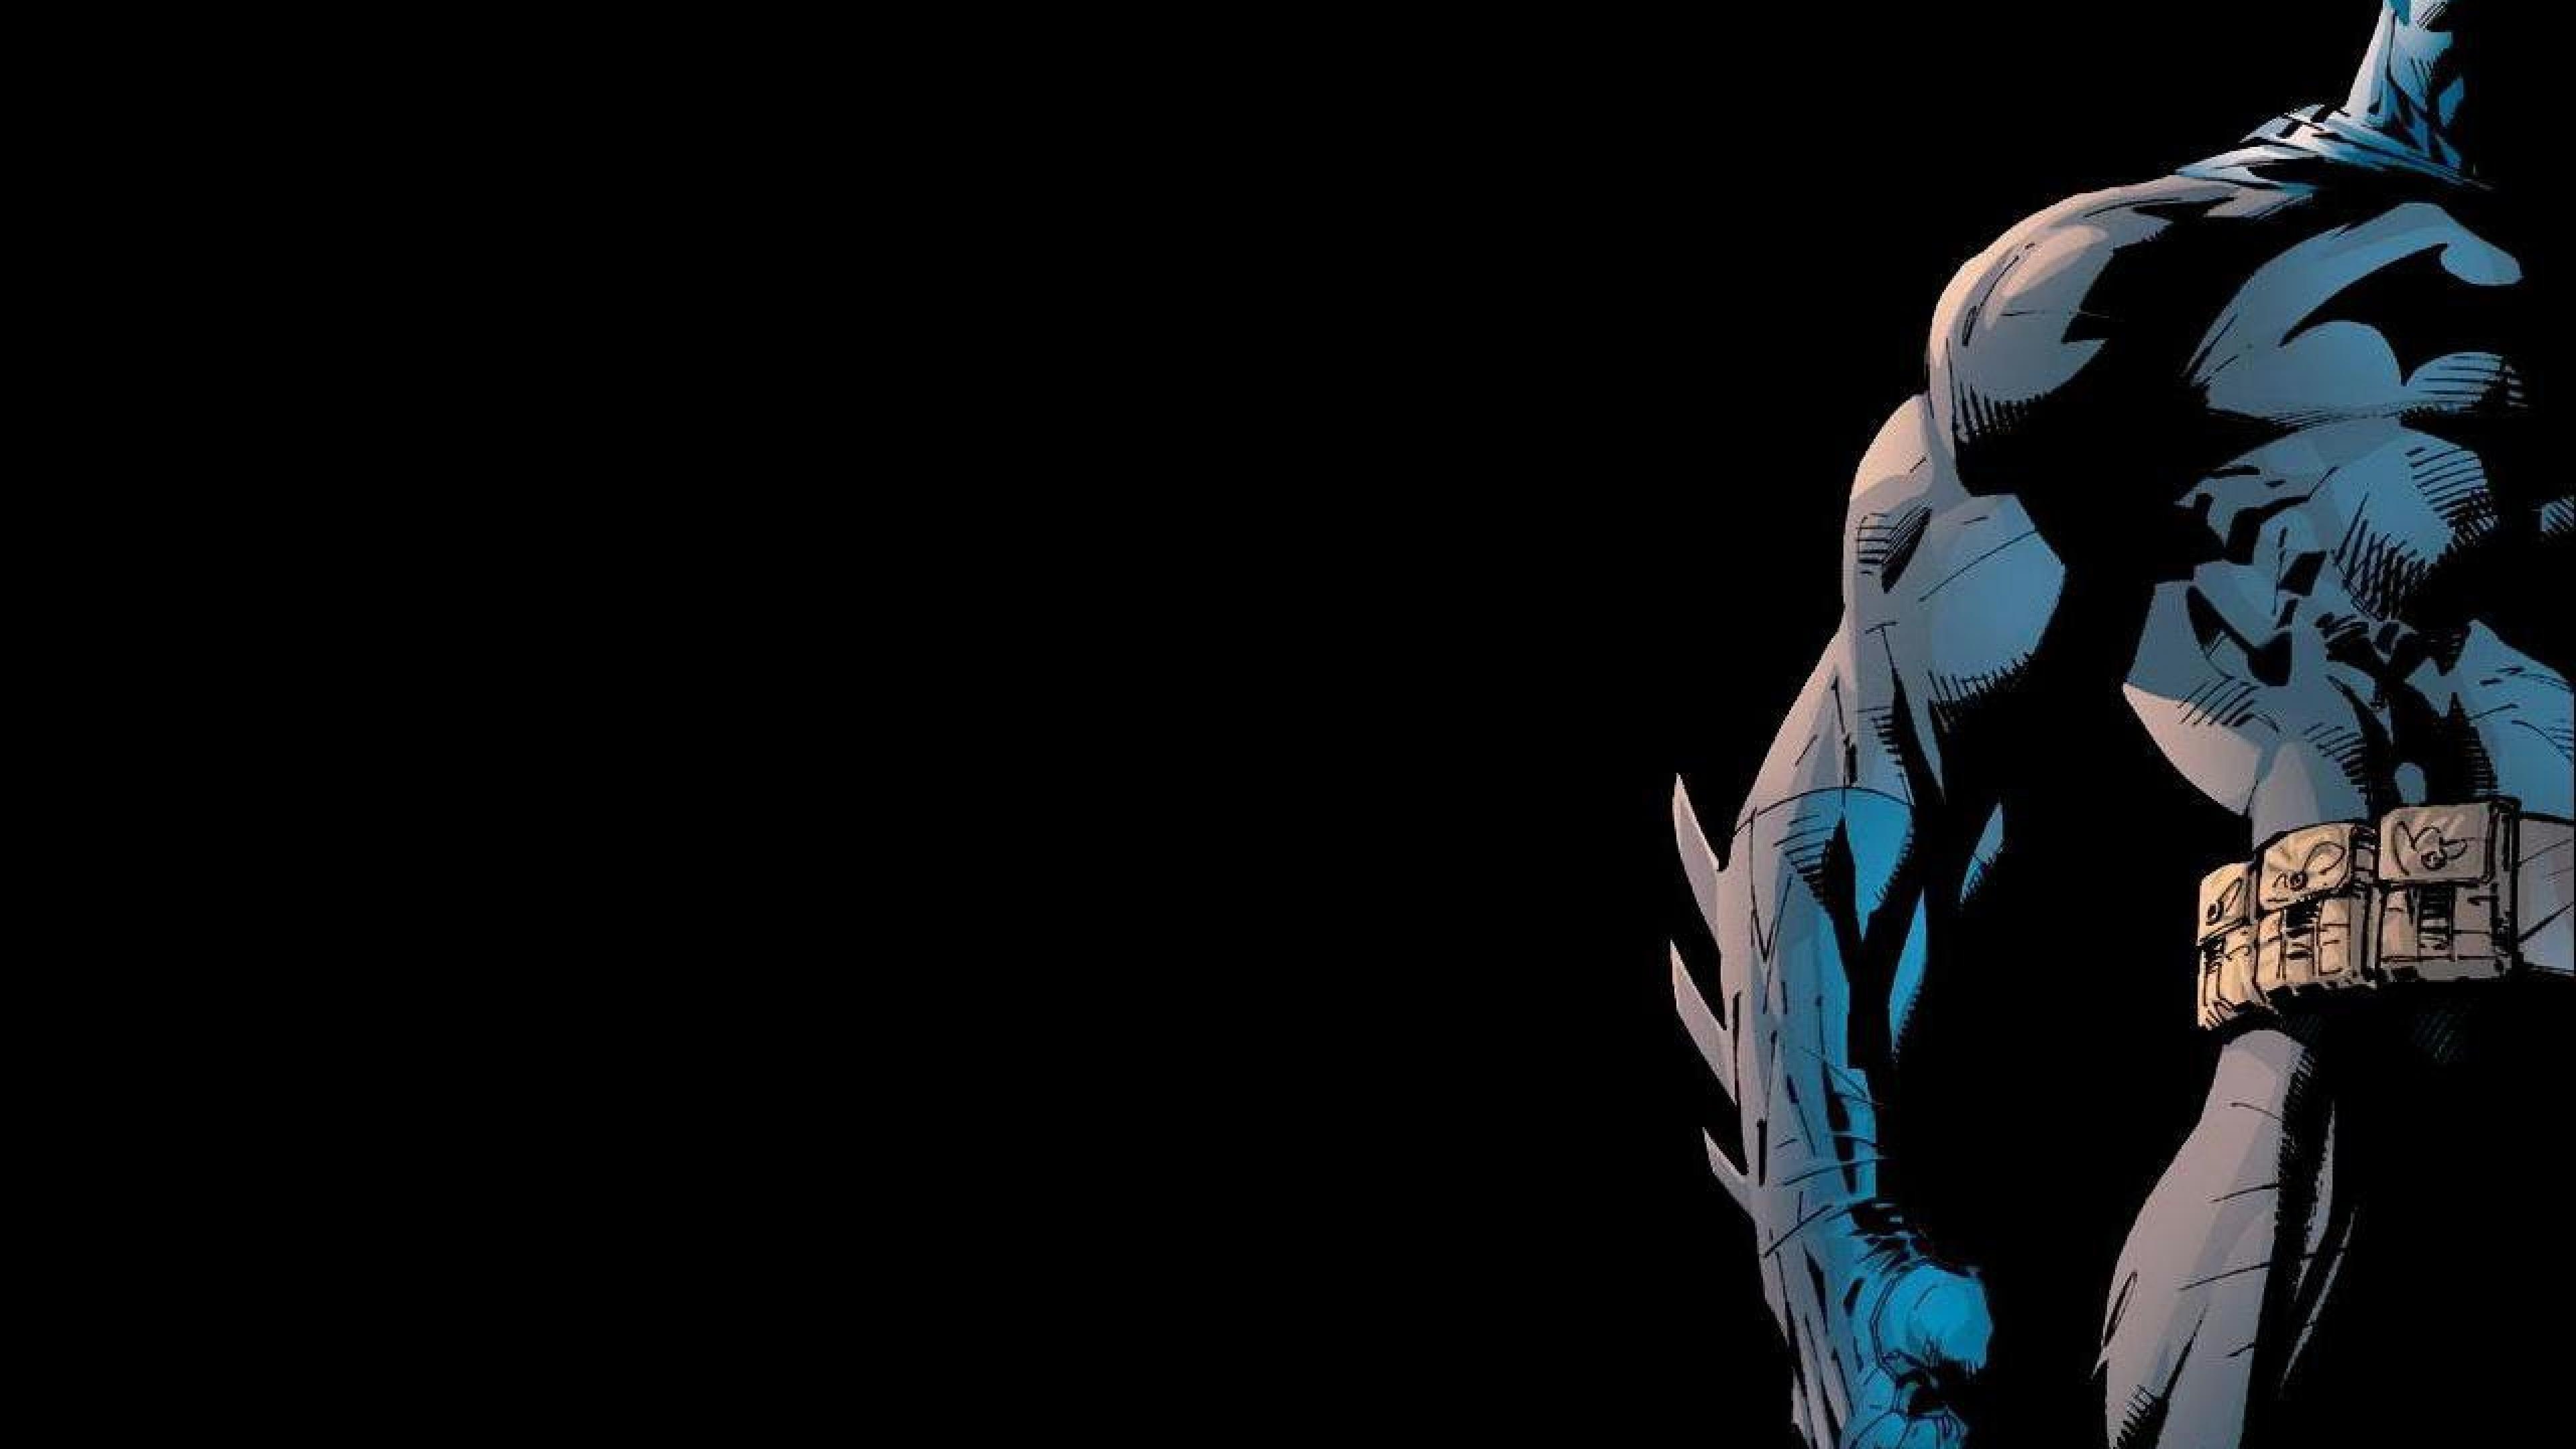 batman comics wallpapers ·①